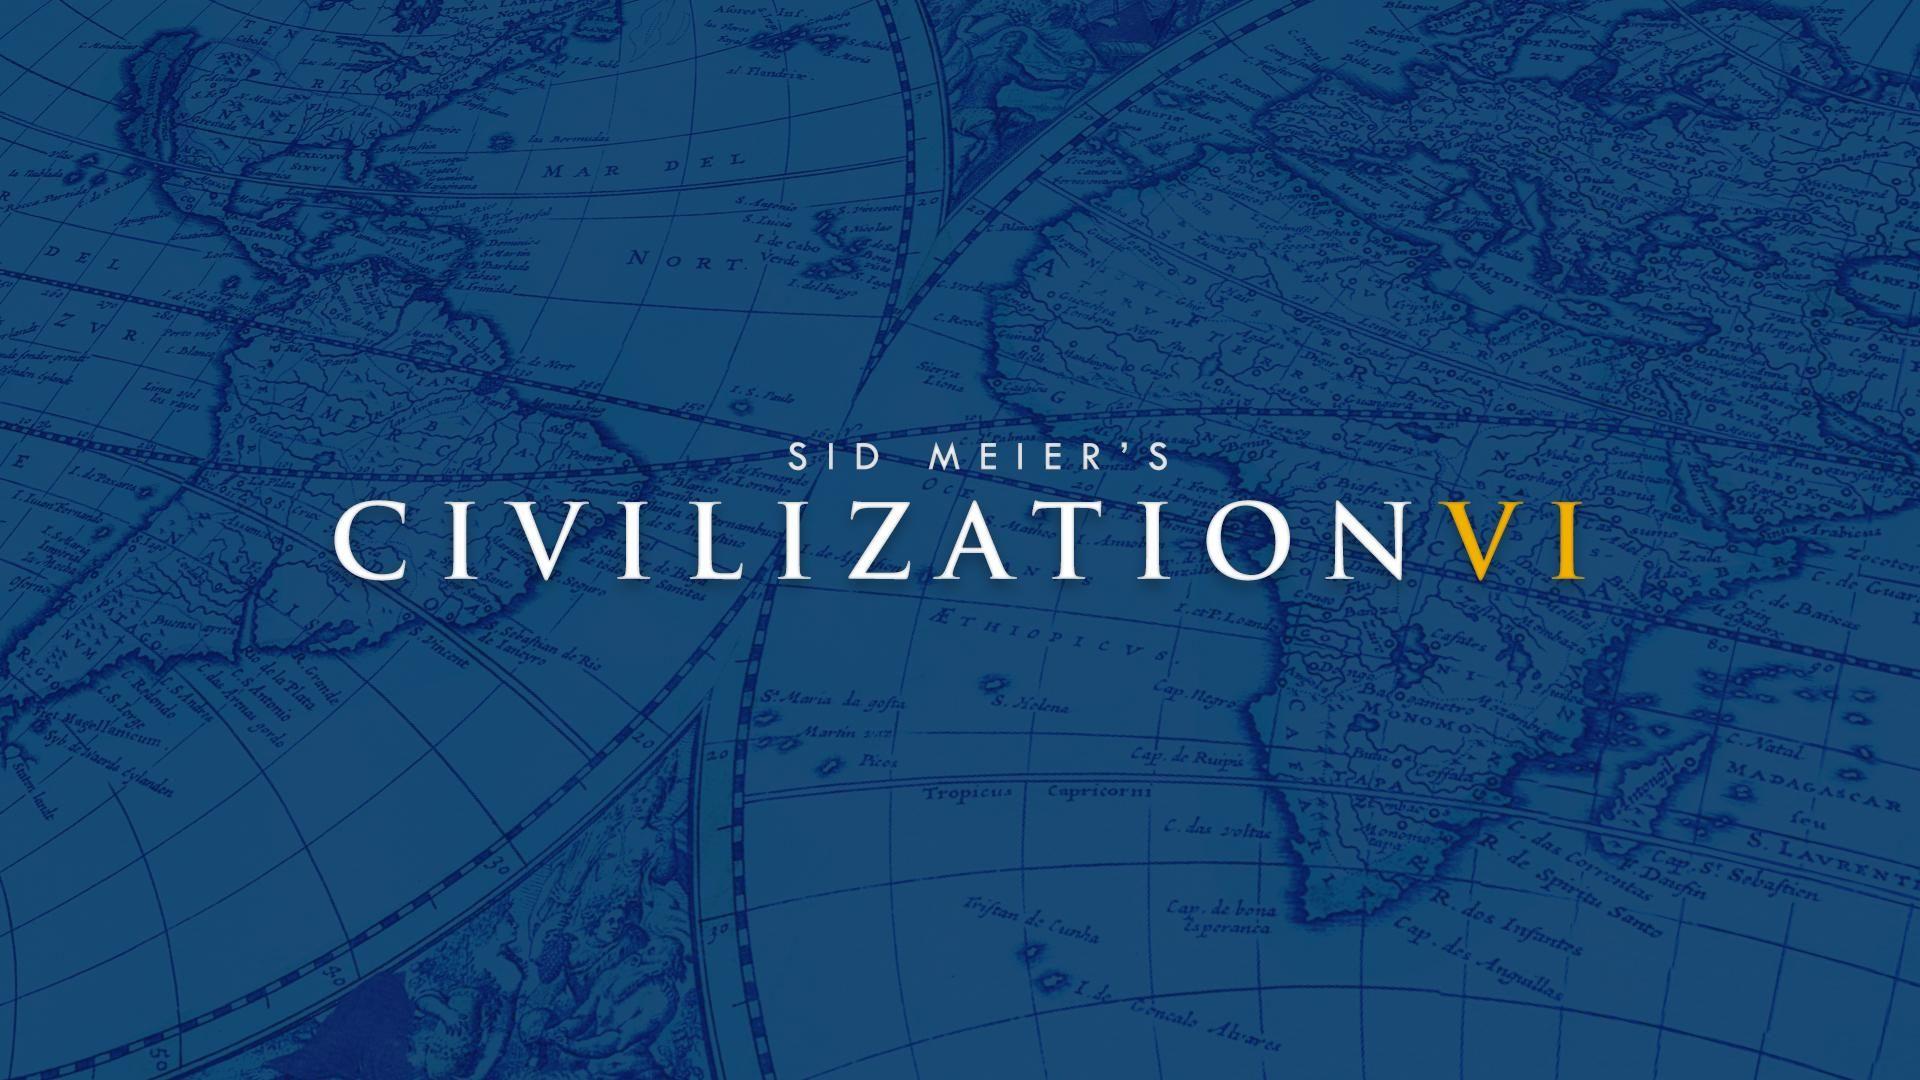 civilization-vi-hd-wallpapers-32896-6815626